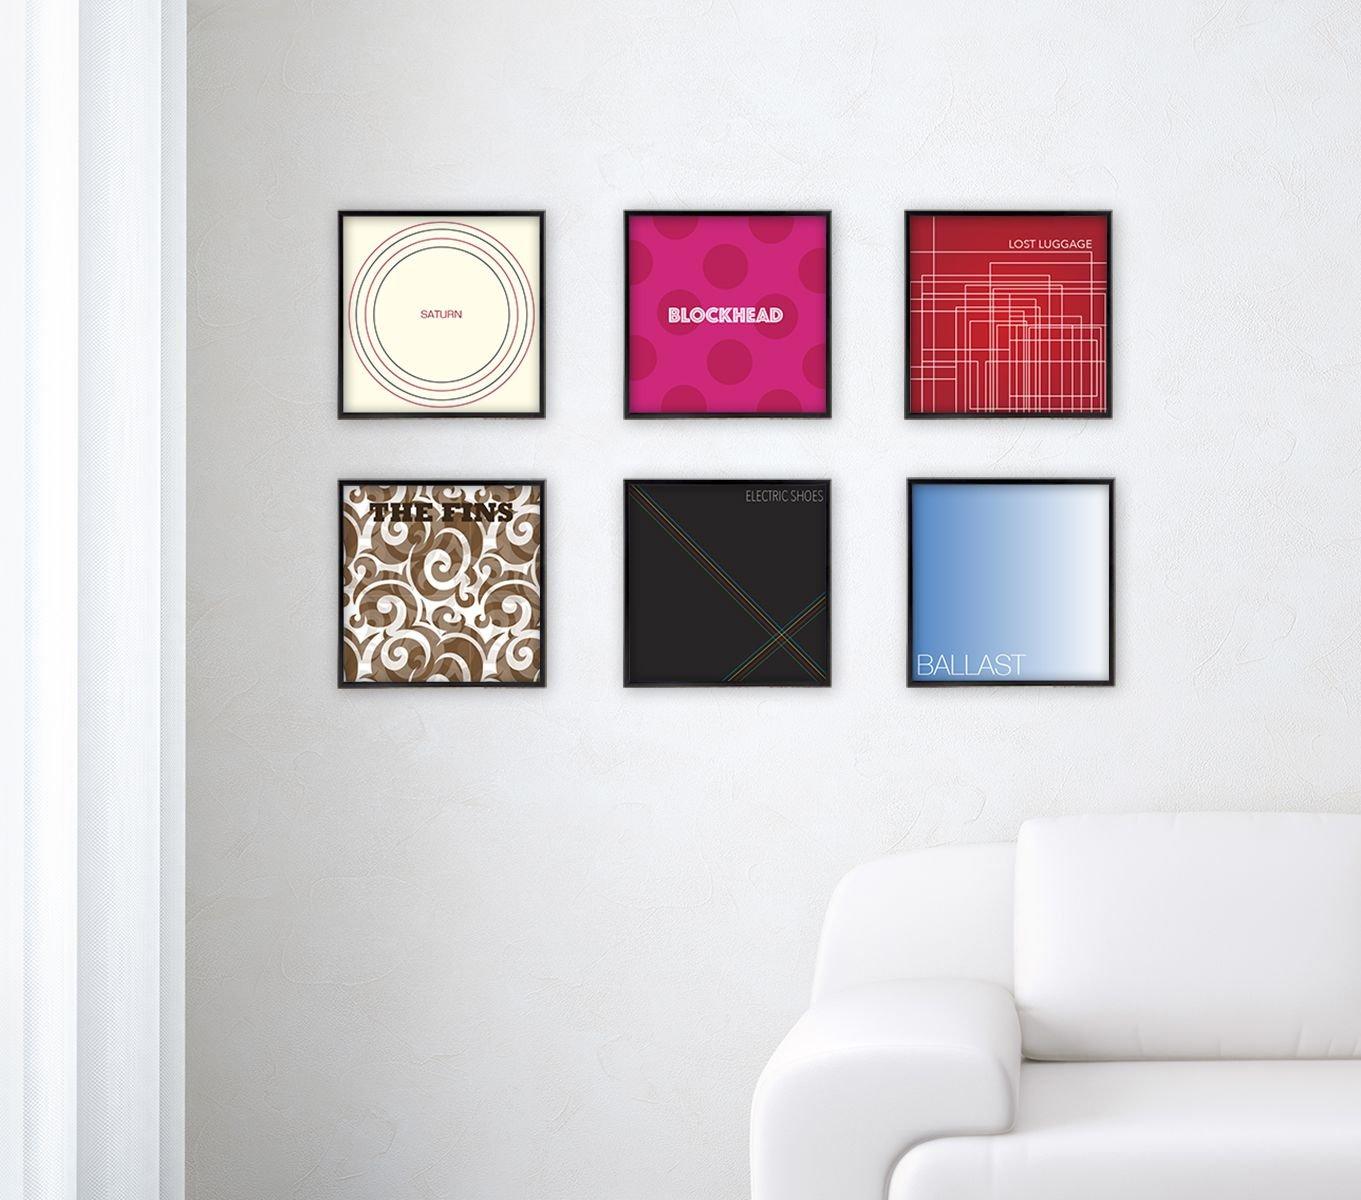 MCS 12.5x12.5 Inch Gallery Aluminum Album Cover Frame 6-Pack, Black ...